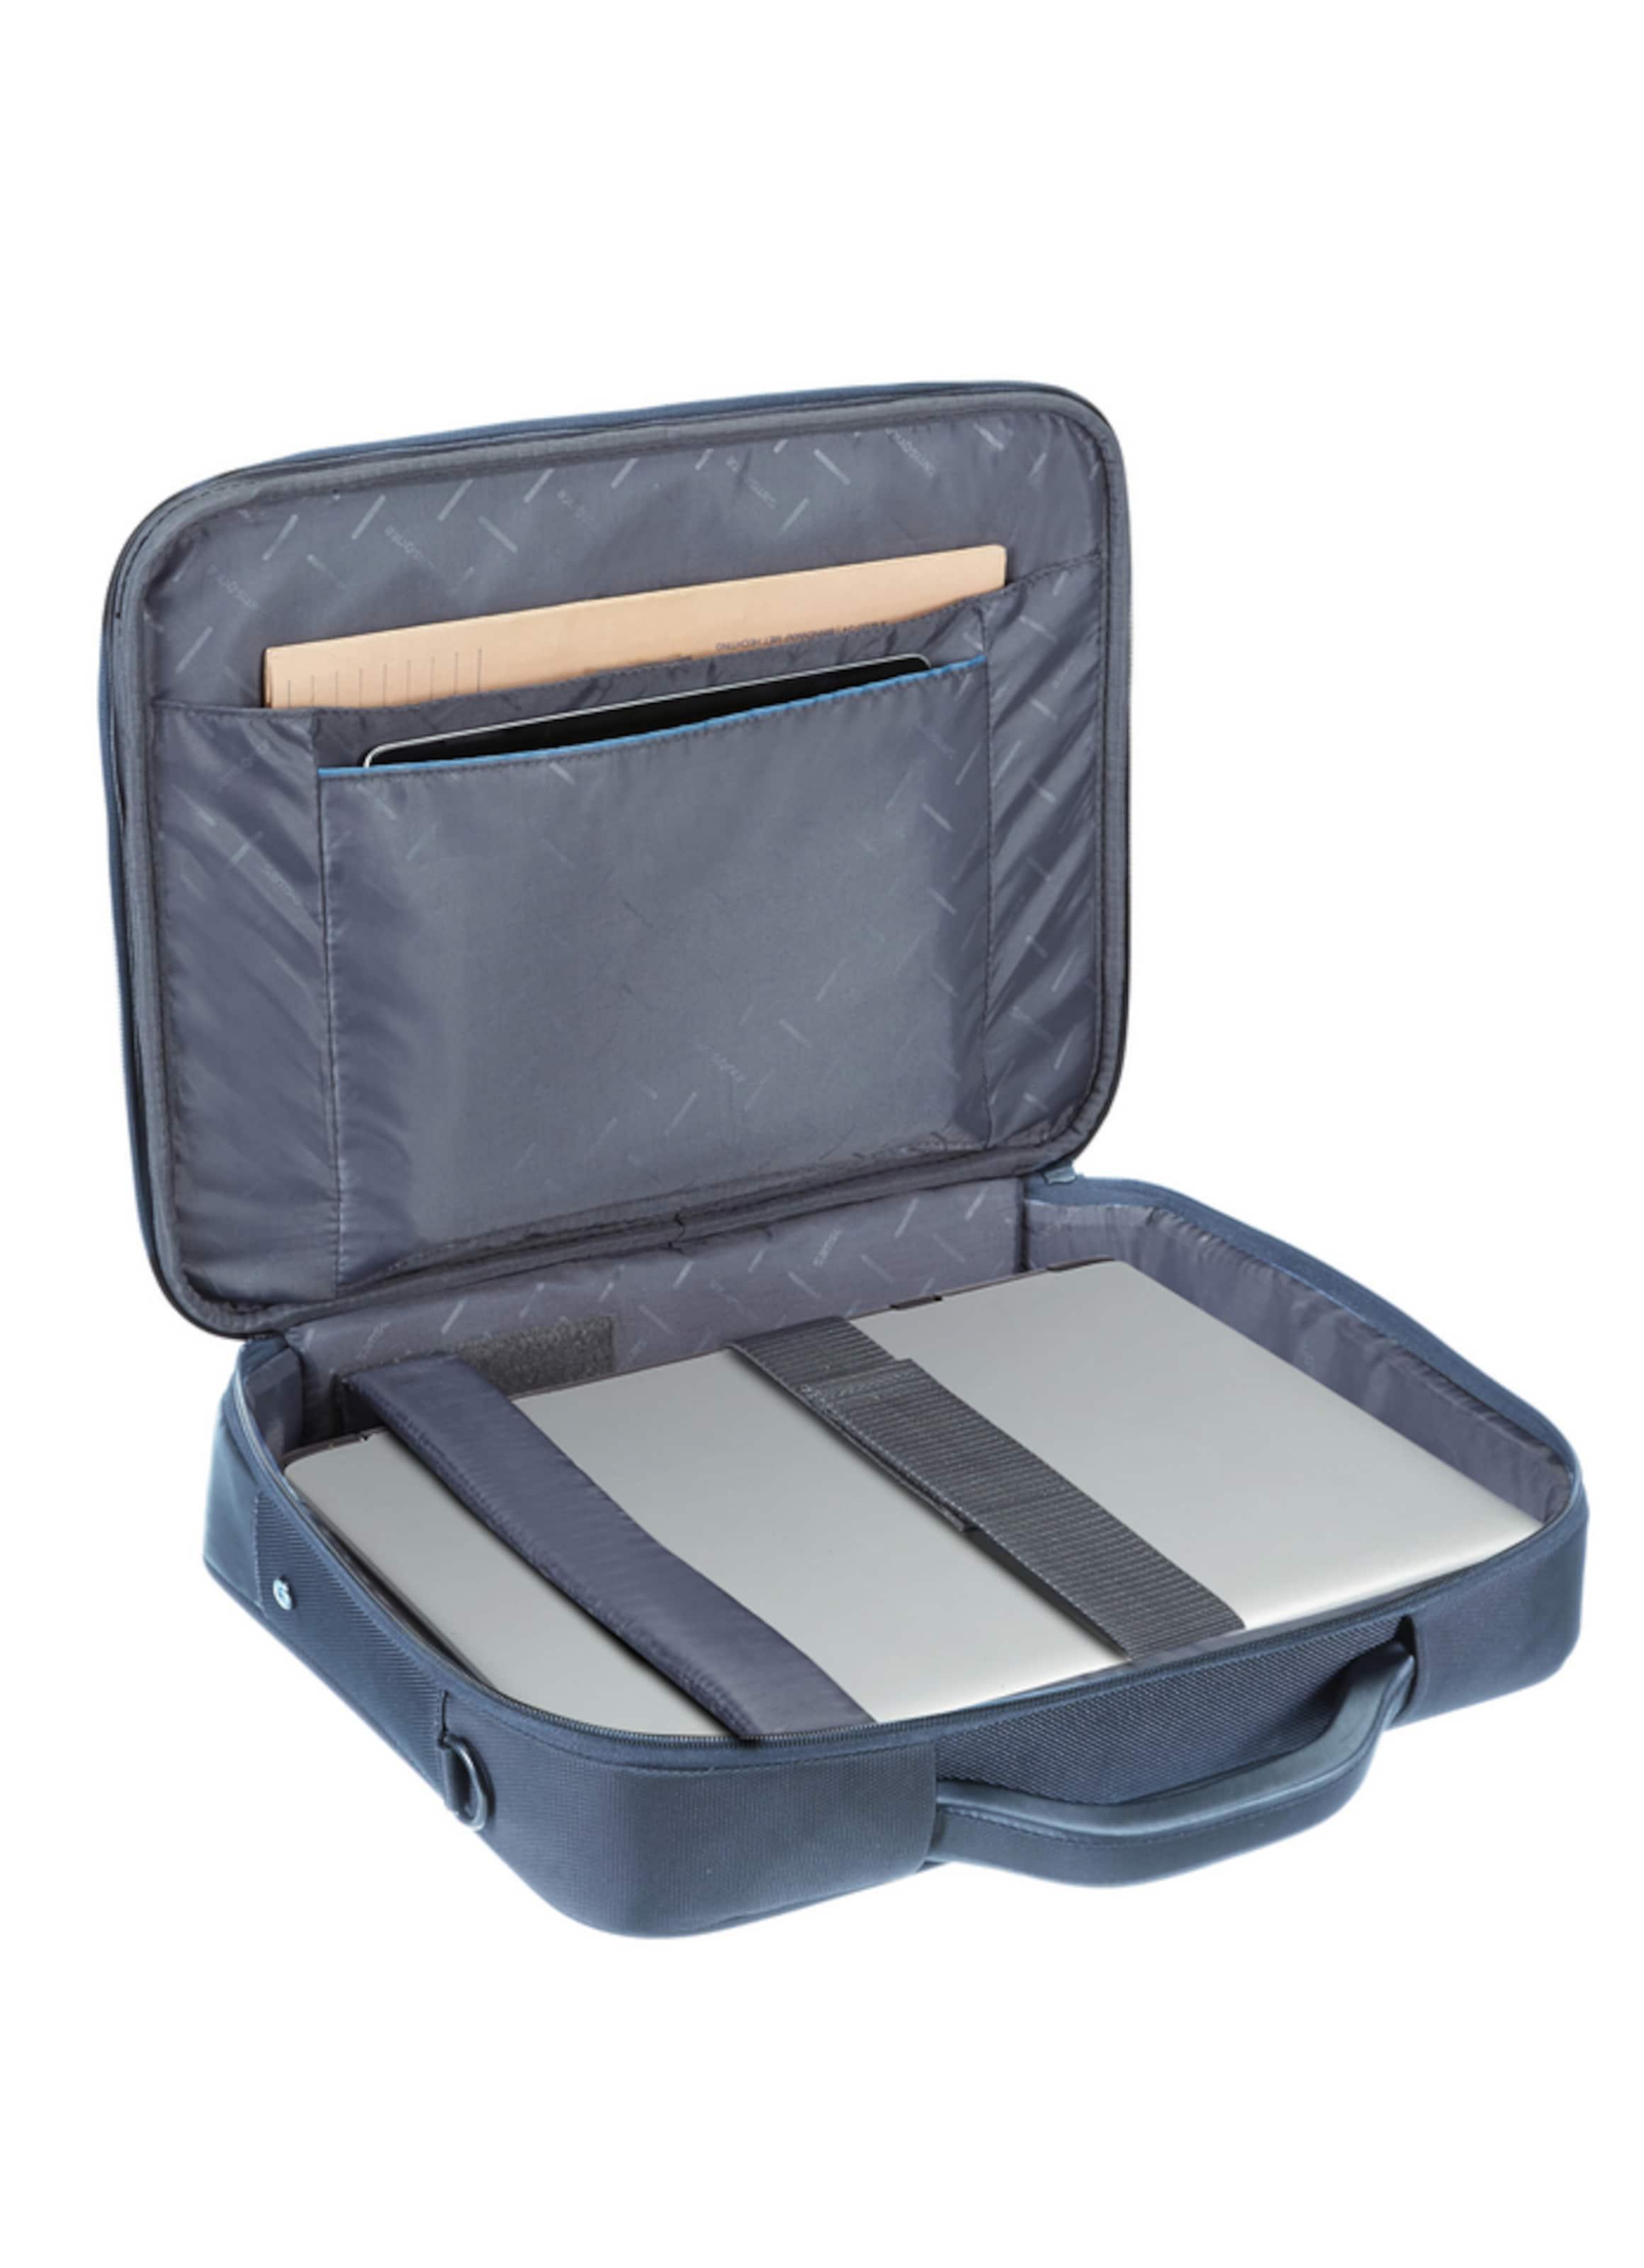 SAMSONITE Vectura Businesstasche M 42 cm Laptopfach Rabatt Erstaunlicher Preis Fabrikpreis Billiger Großhandel Günstiger Preis Store tQTuqq3